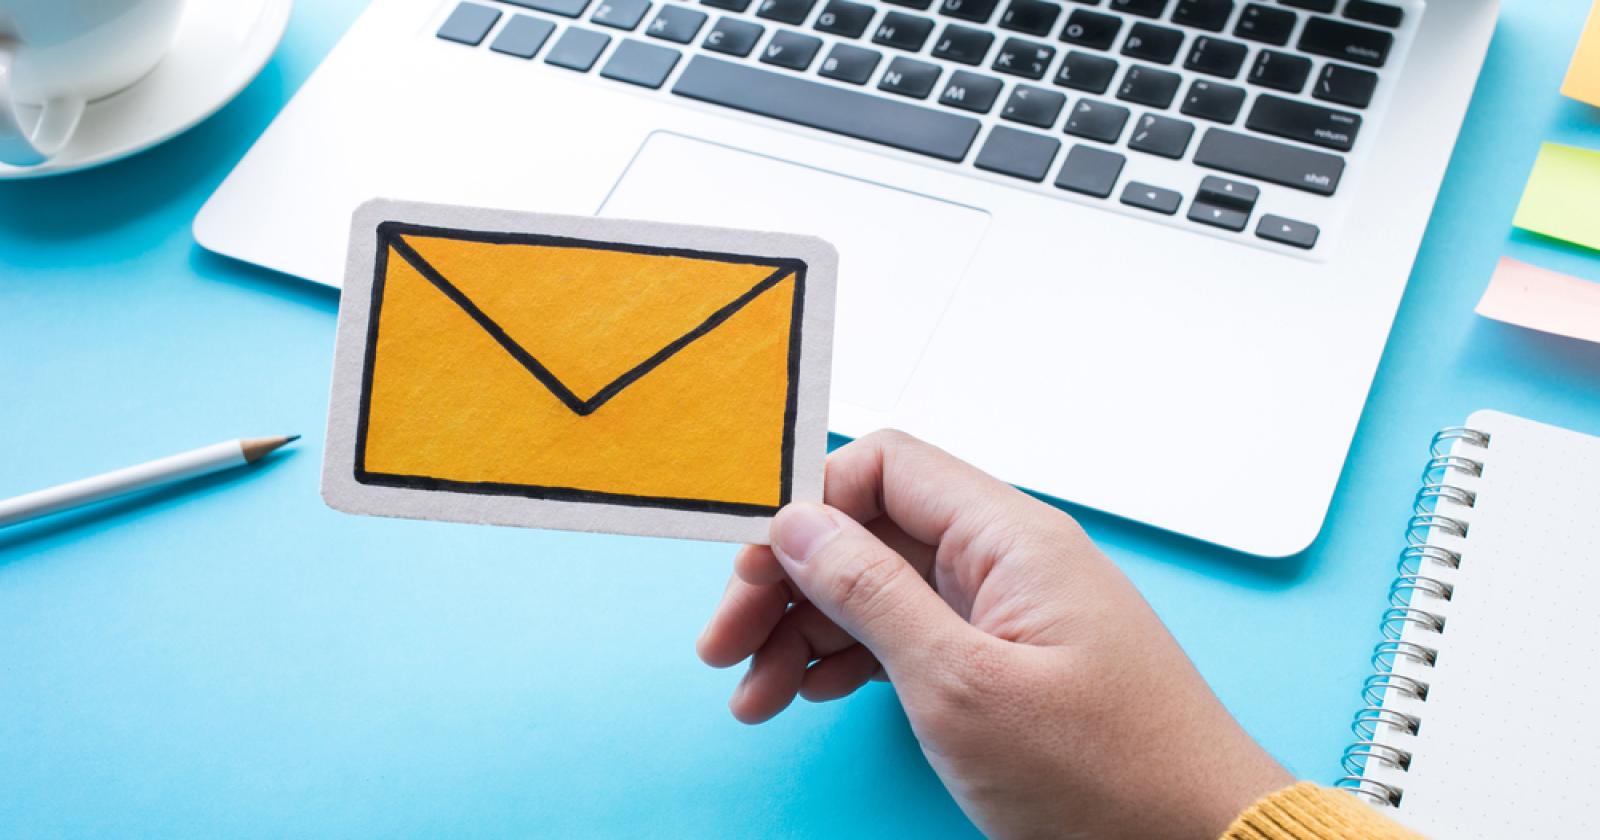 Cấu hình gửi và nhận mail trên Iphone